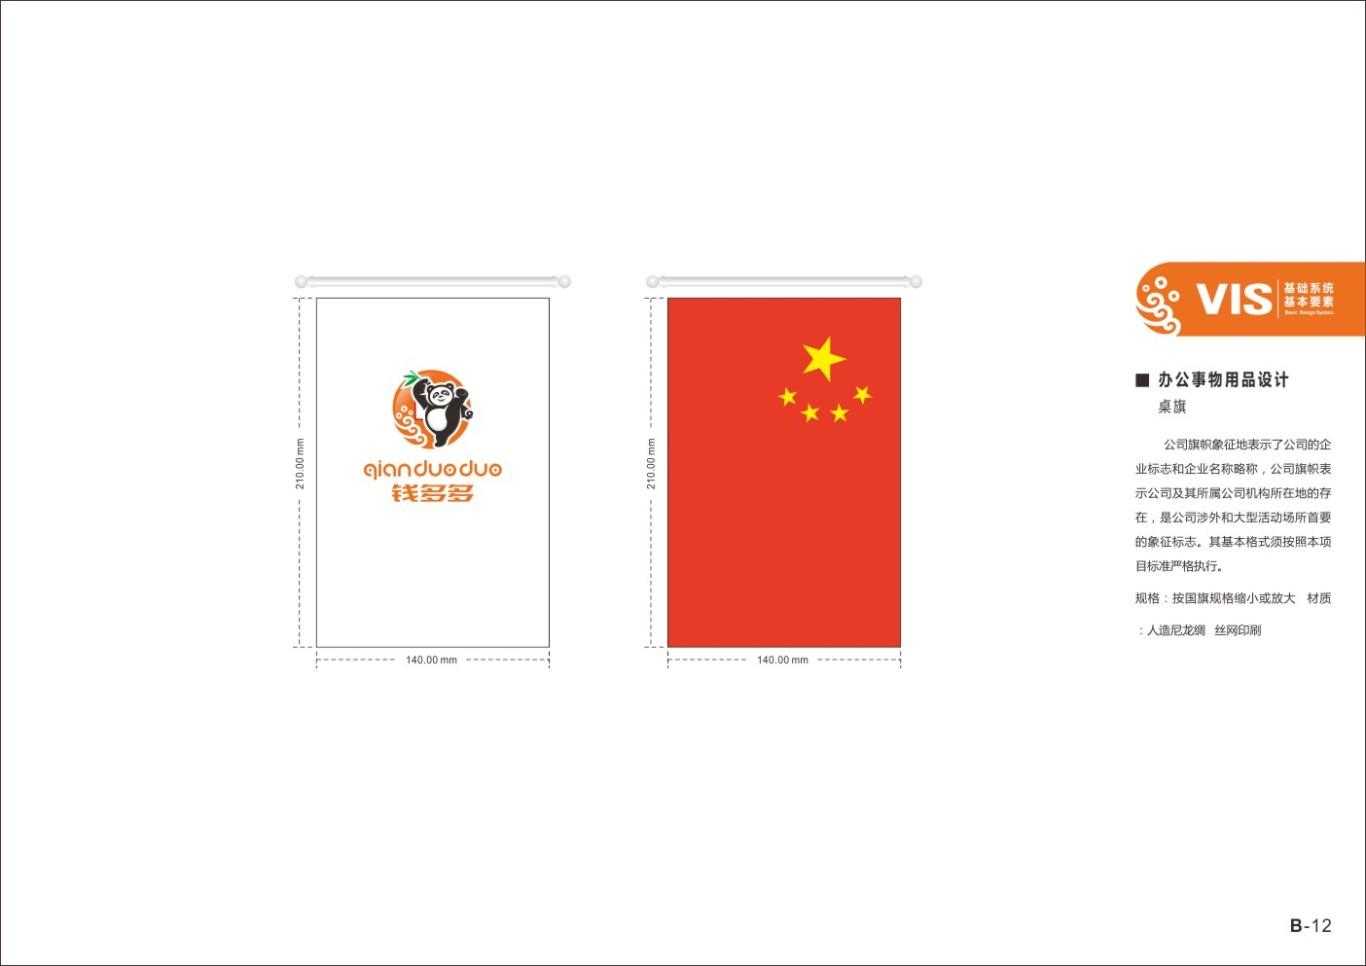 四川广融钱多多品牌及VI形象设计图28